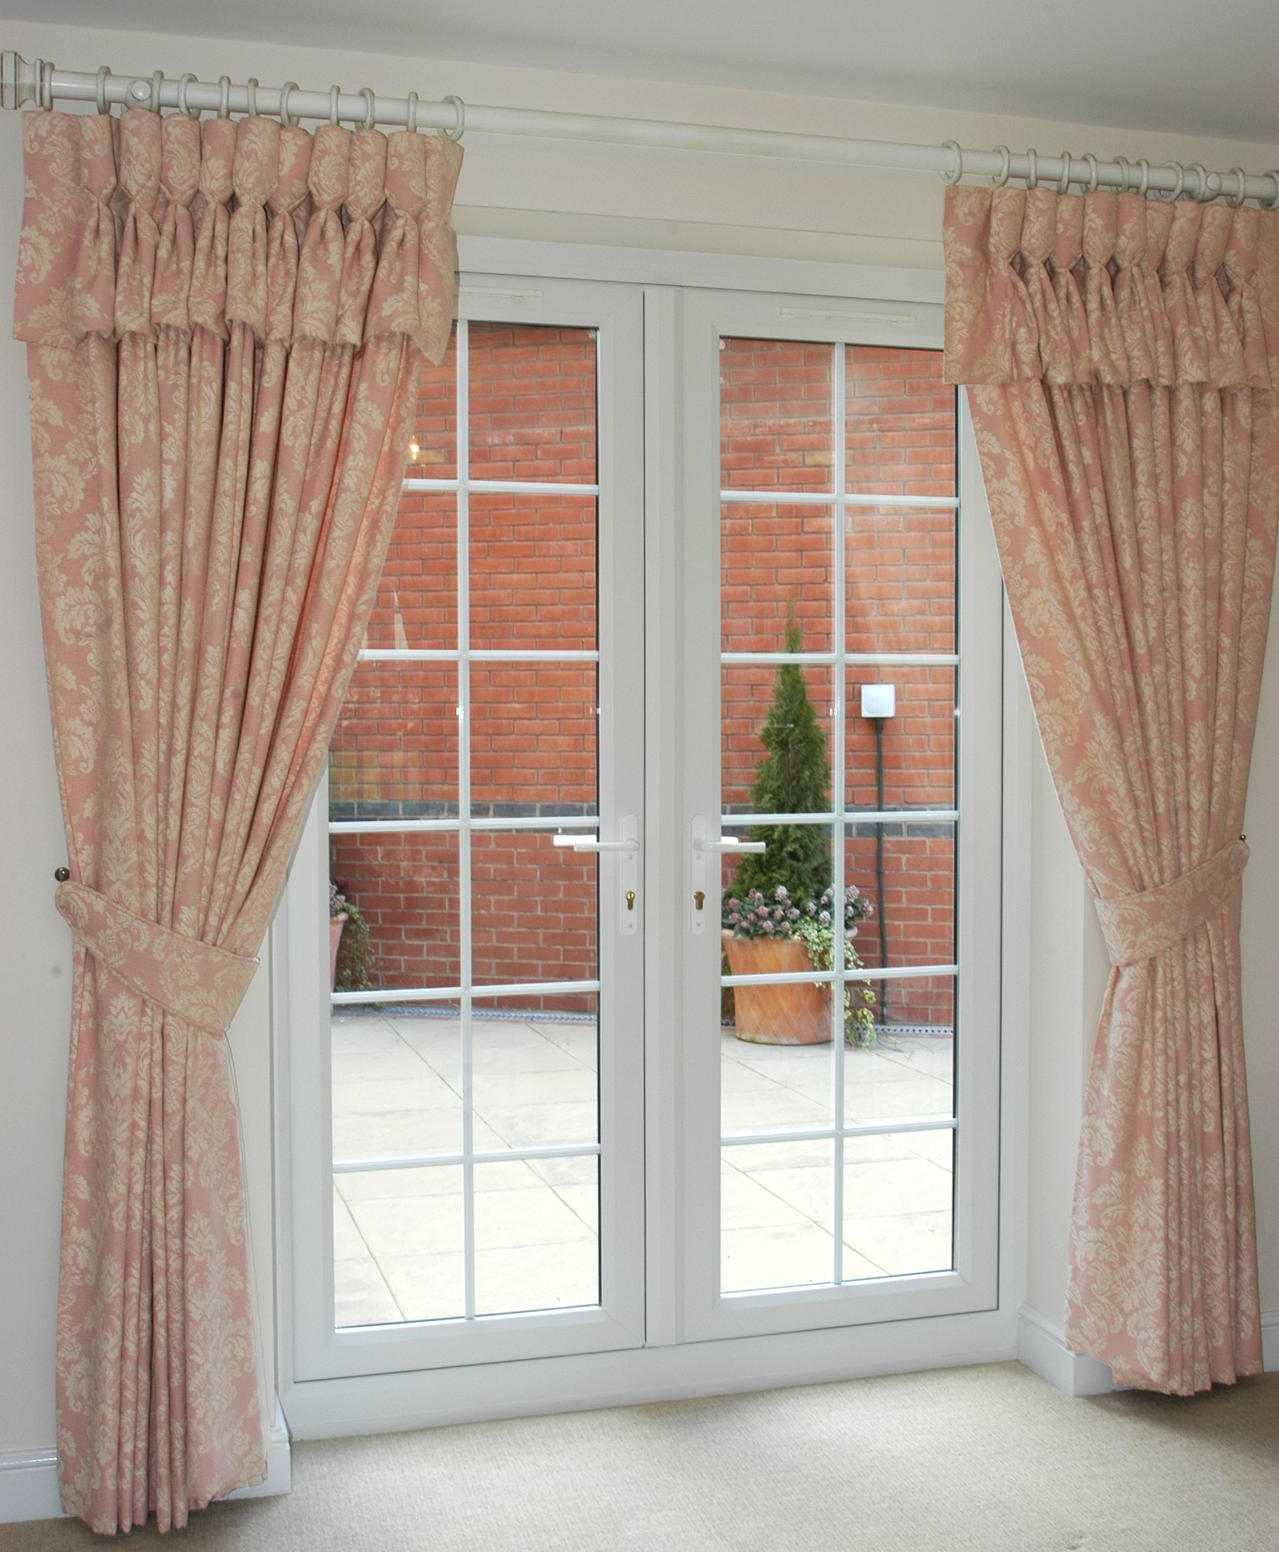 Window door curtains